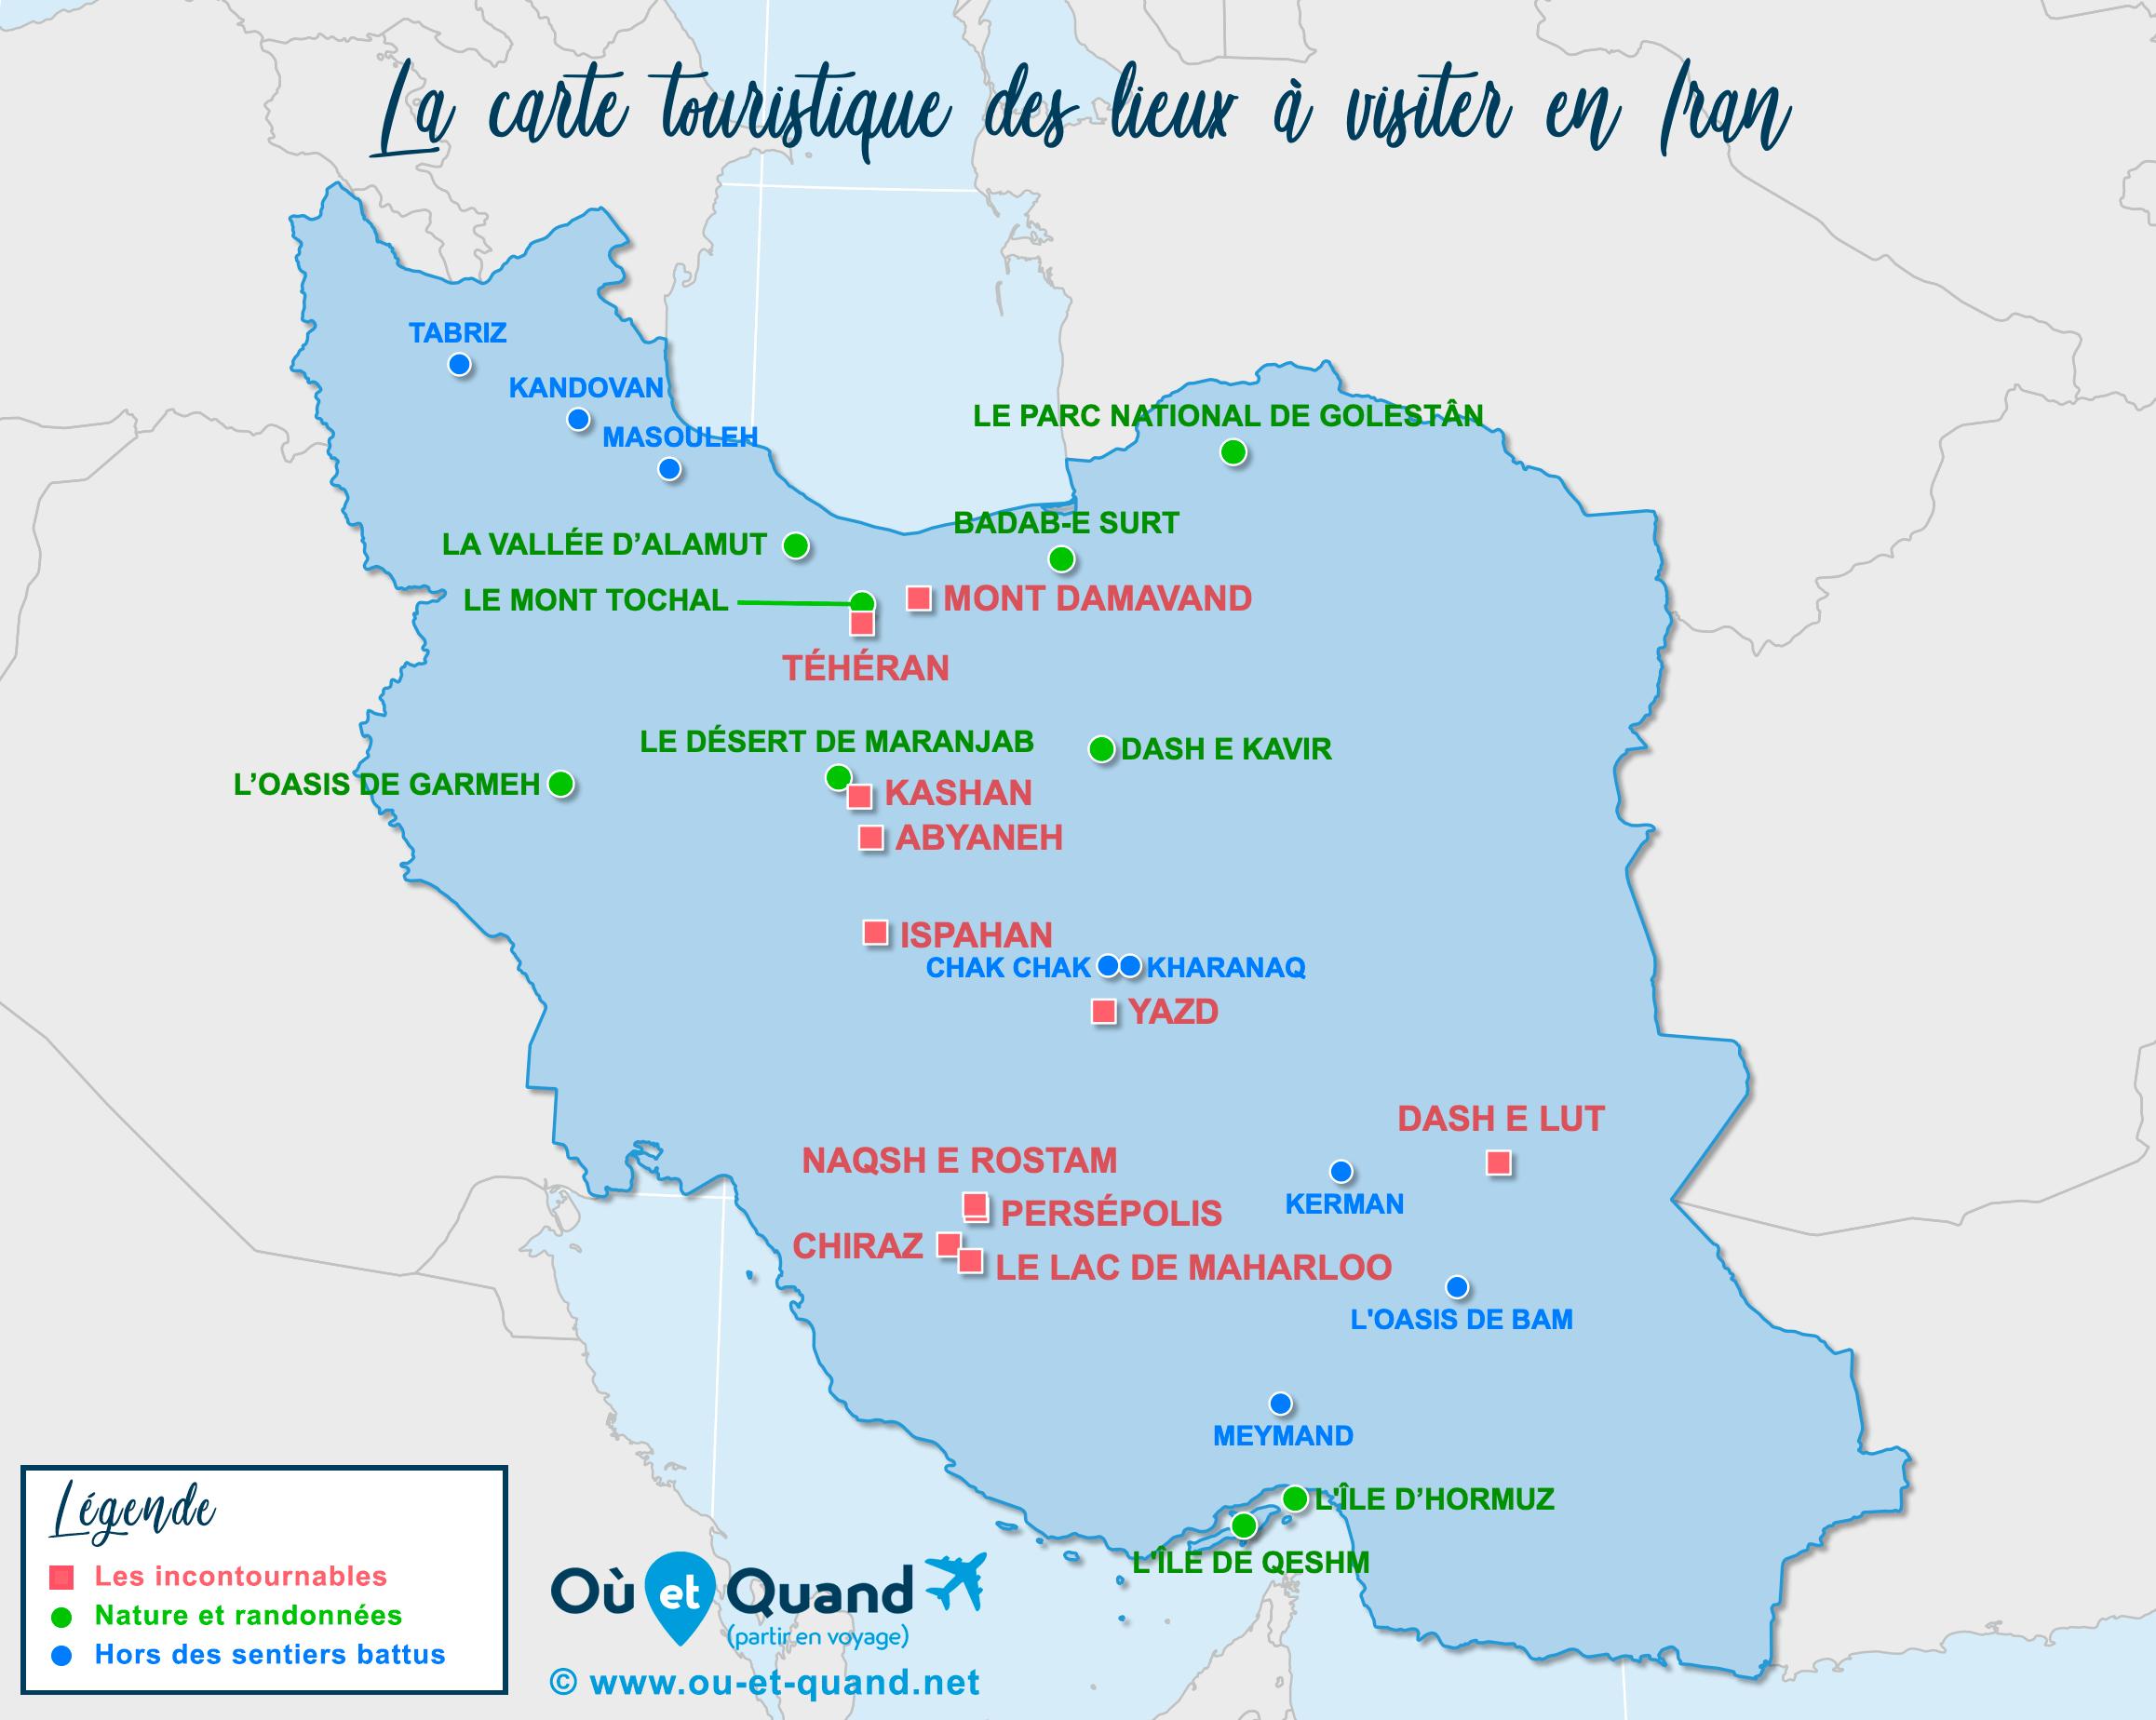 Carte Iran : tous les lieux à visiter lors de votre voyage